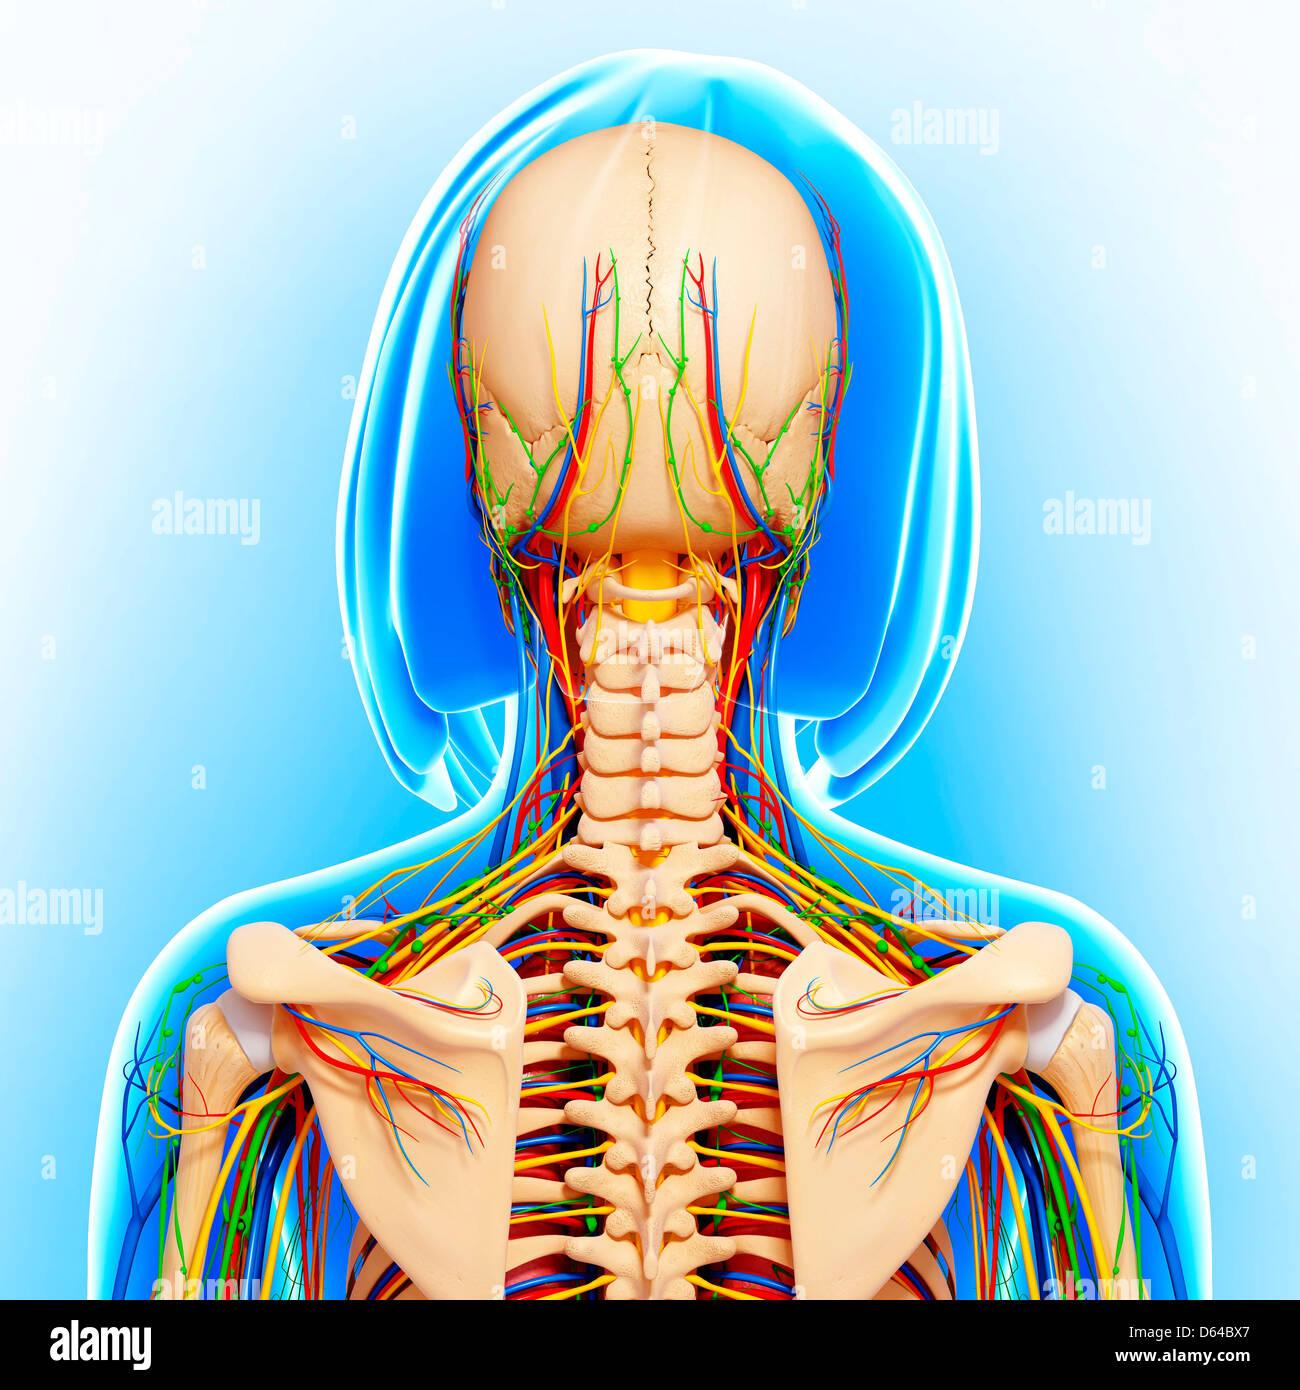 Ziemlich Weibliche Anatomie Teile Bilder - Menschliche Anatomie ...